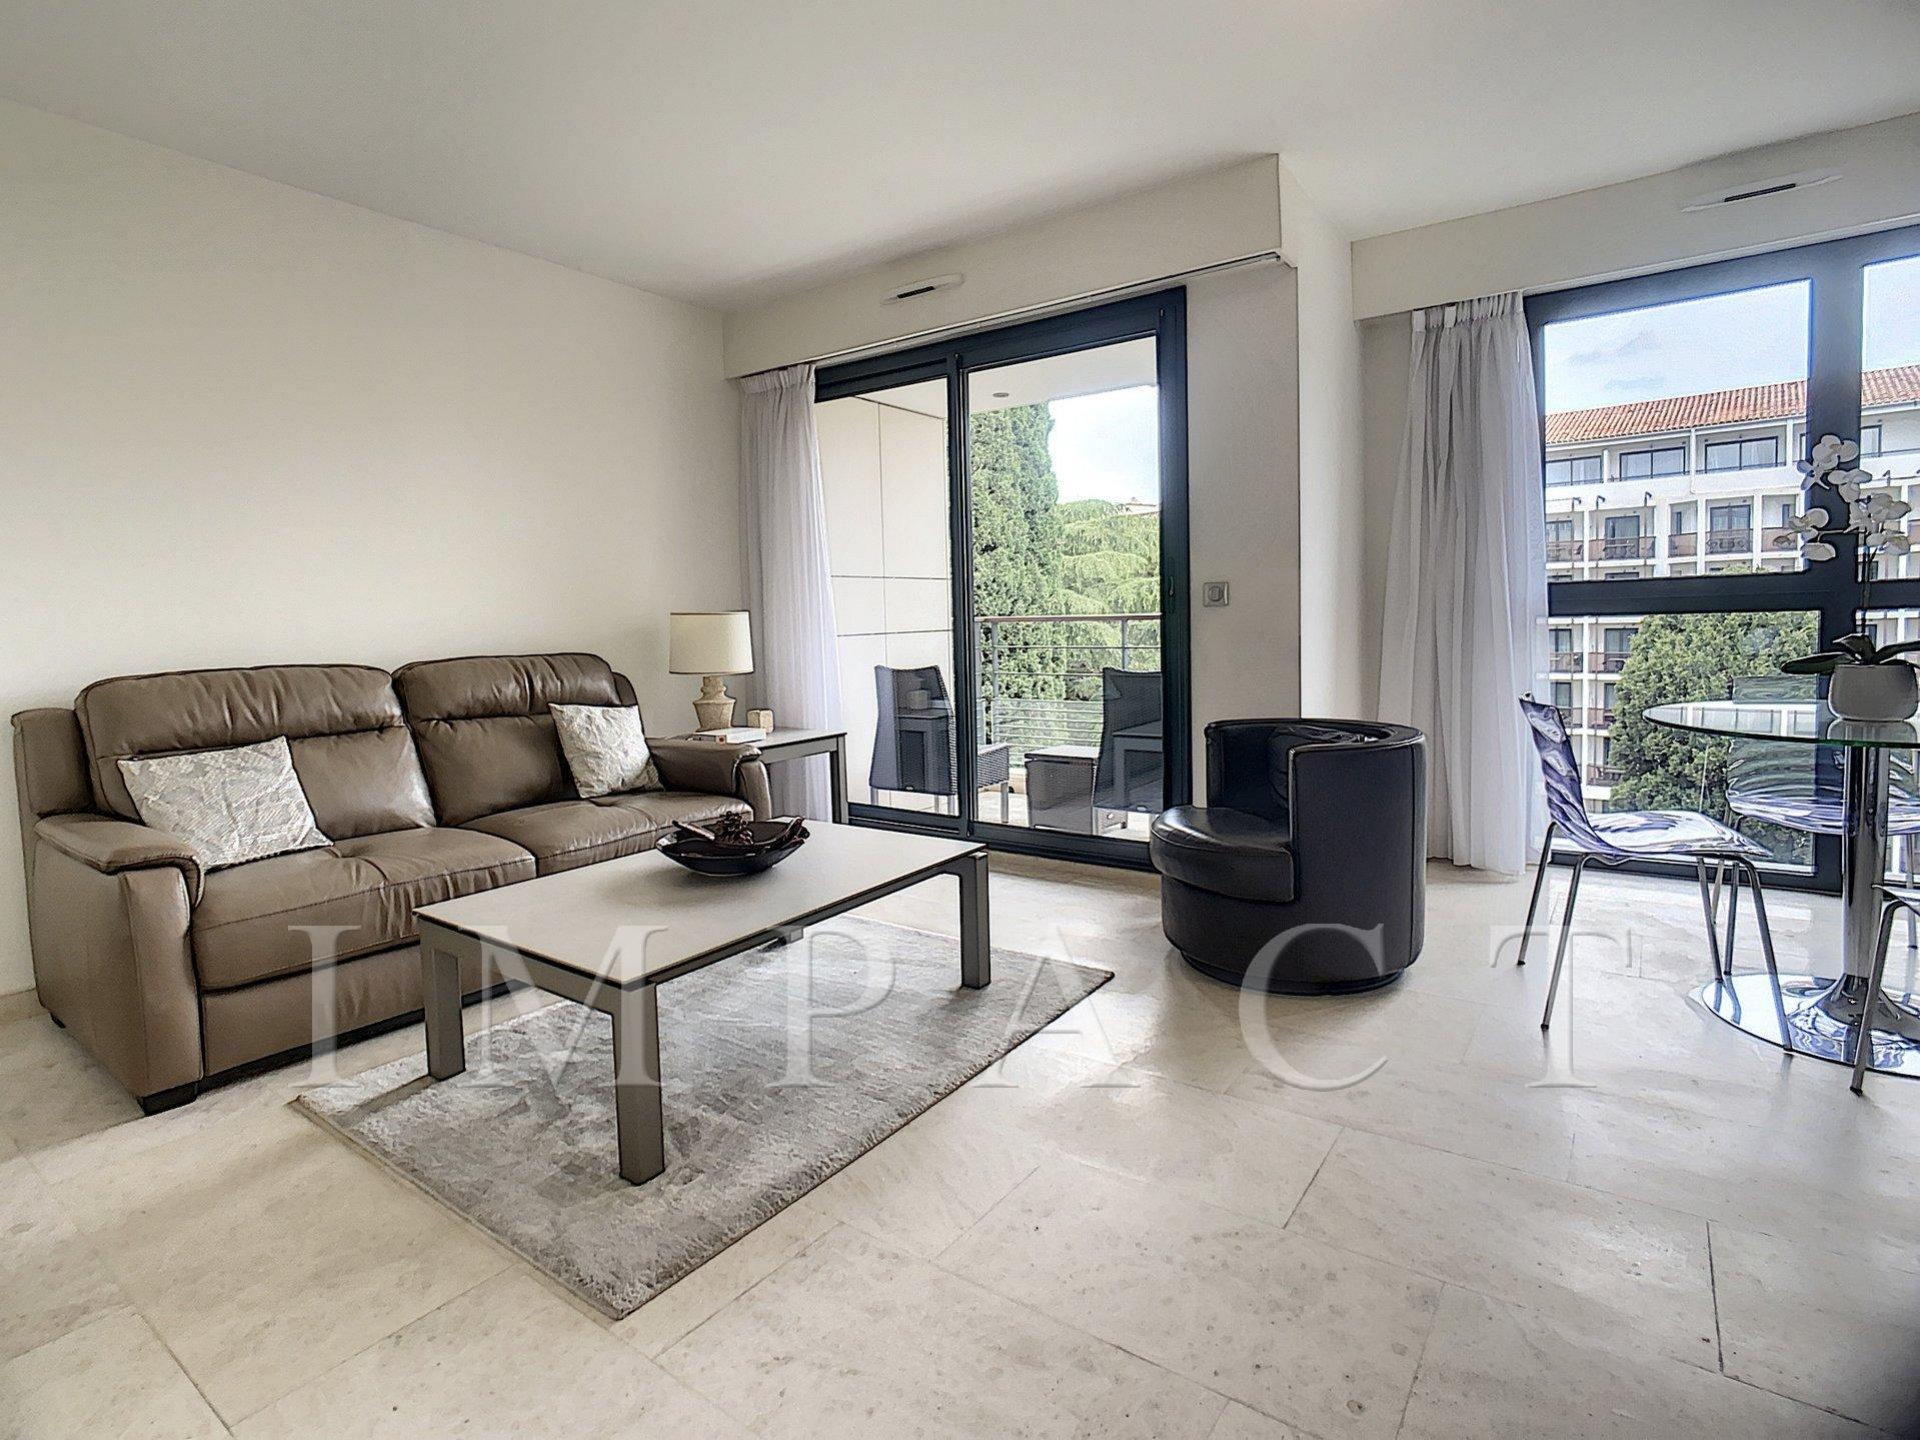 Appartement 2 chambres à louer derrière la Croisette à Cannes